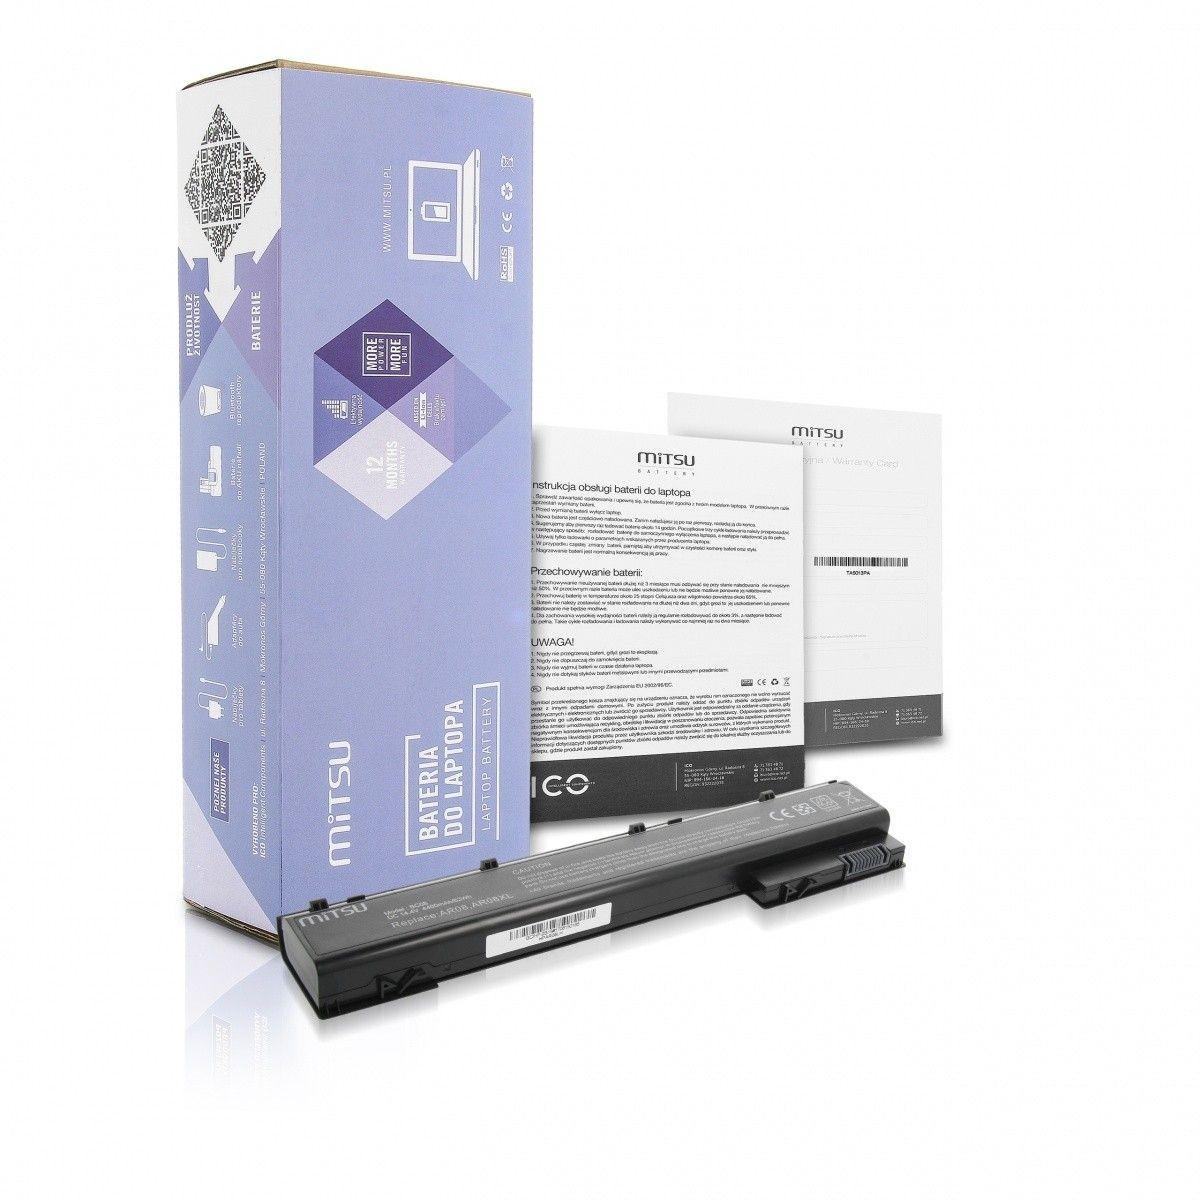 Mitsu Bateria do HP ZBook 15 G1, 17 G1 4400 mAh (63 Wh) 14.4 - 14.8 Volt